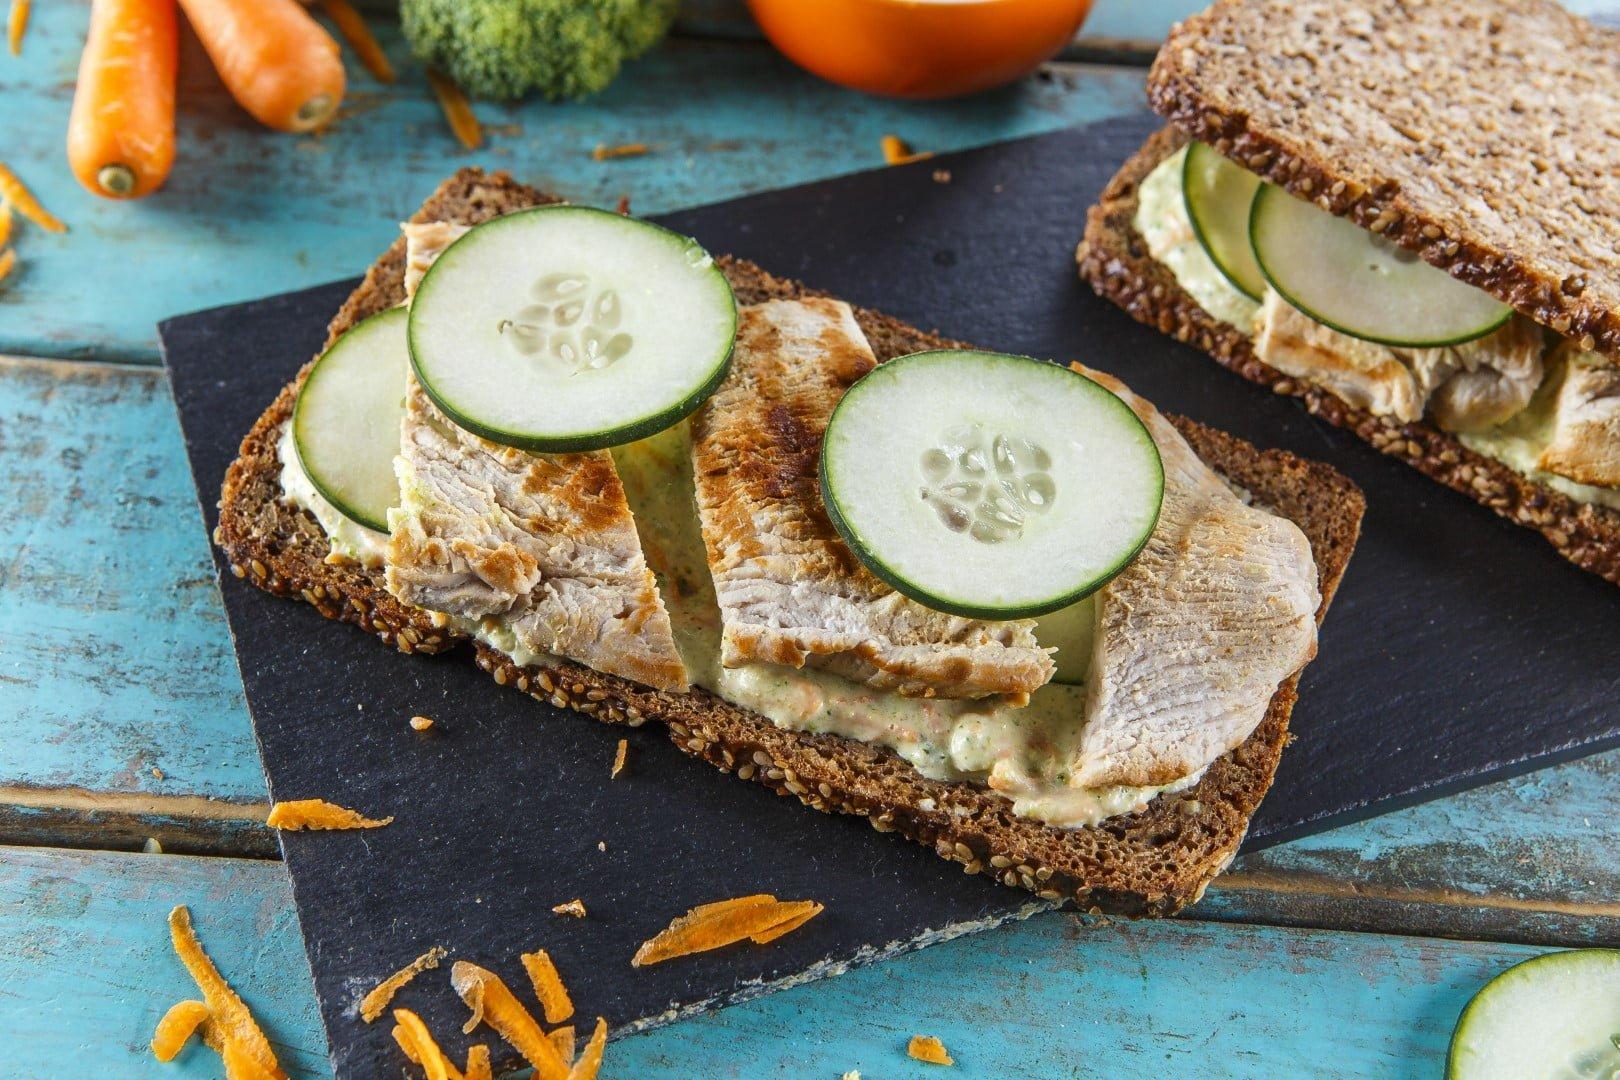 Sanduiche de peito de frango com legumes CHPF 16 Large